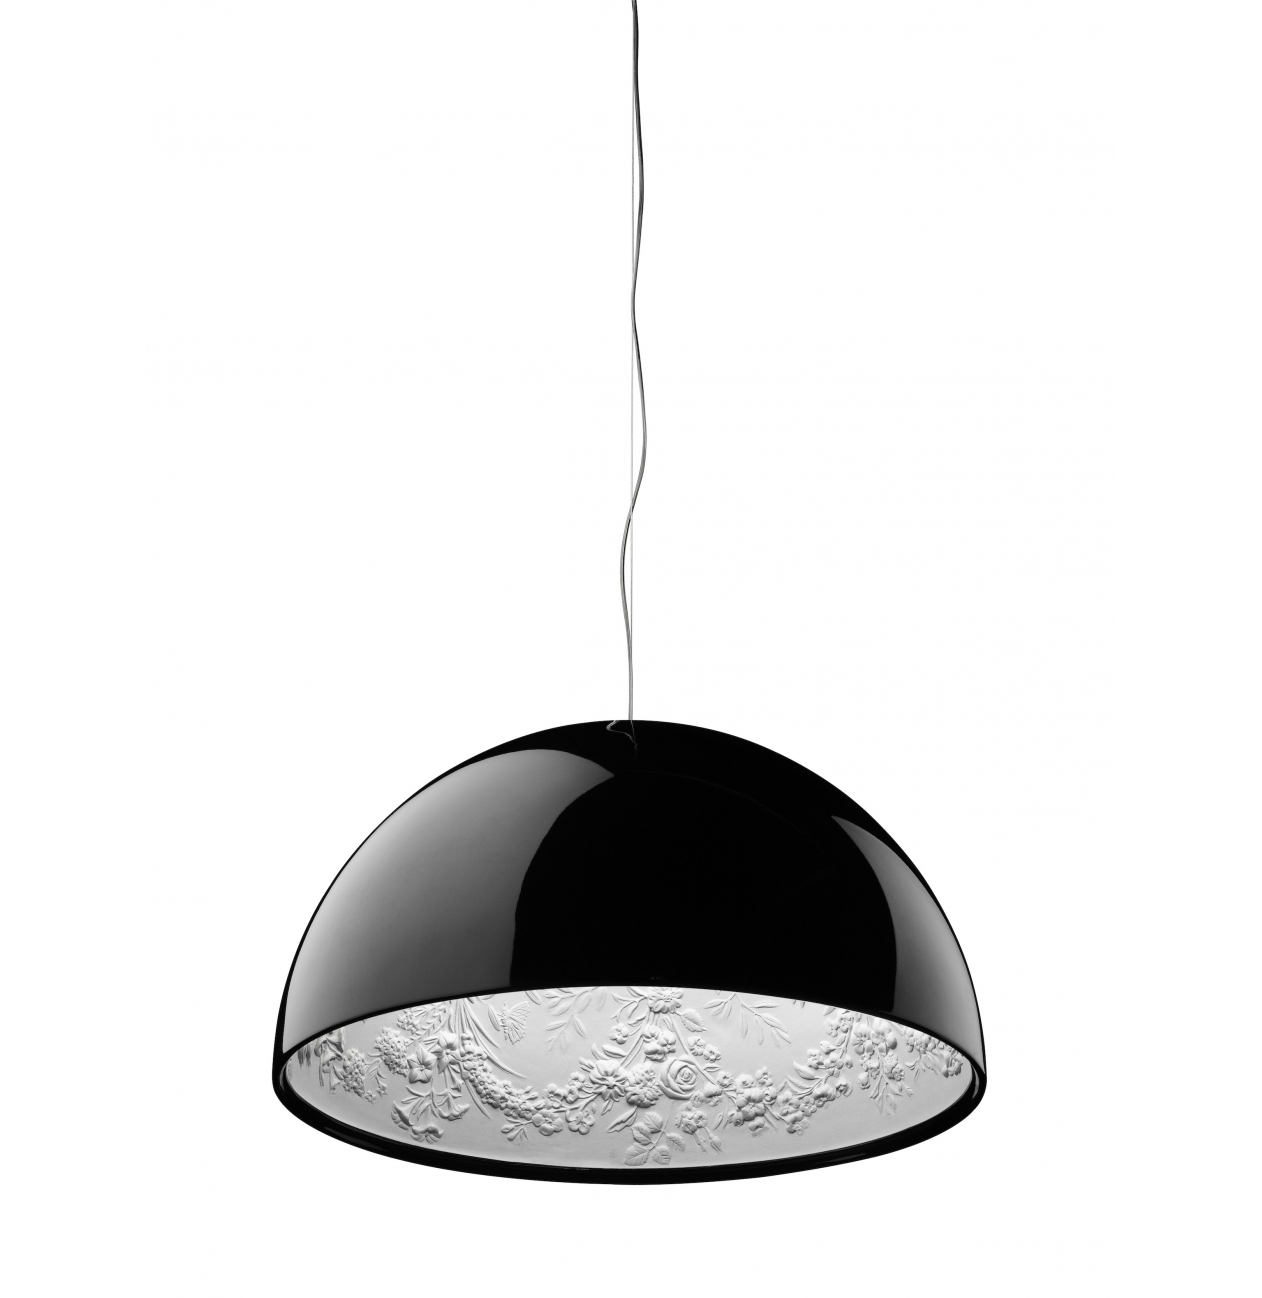 flos hanglamp skygarden s2 versteeg lichtstudio. Black Bedroom Furniture Sets. Home Design Ideas